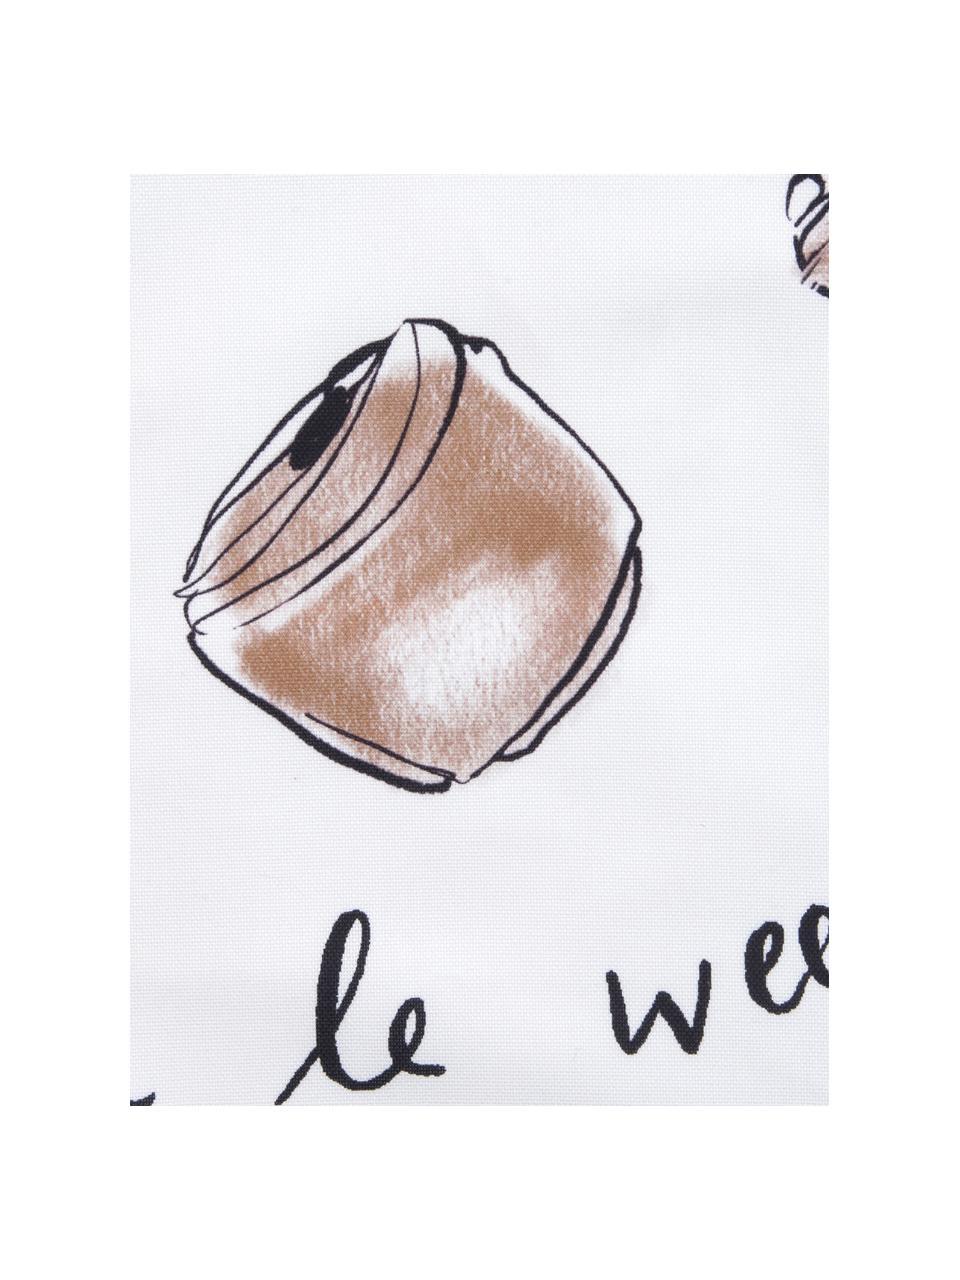 Designer Kissenhülle Croissant von Kera Till, 100% Baumwolle, Weiß, Braun, 40 x 40 cm